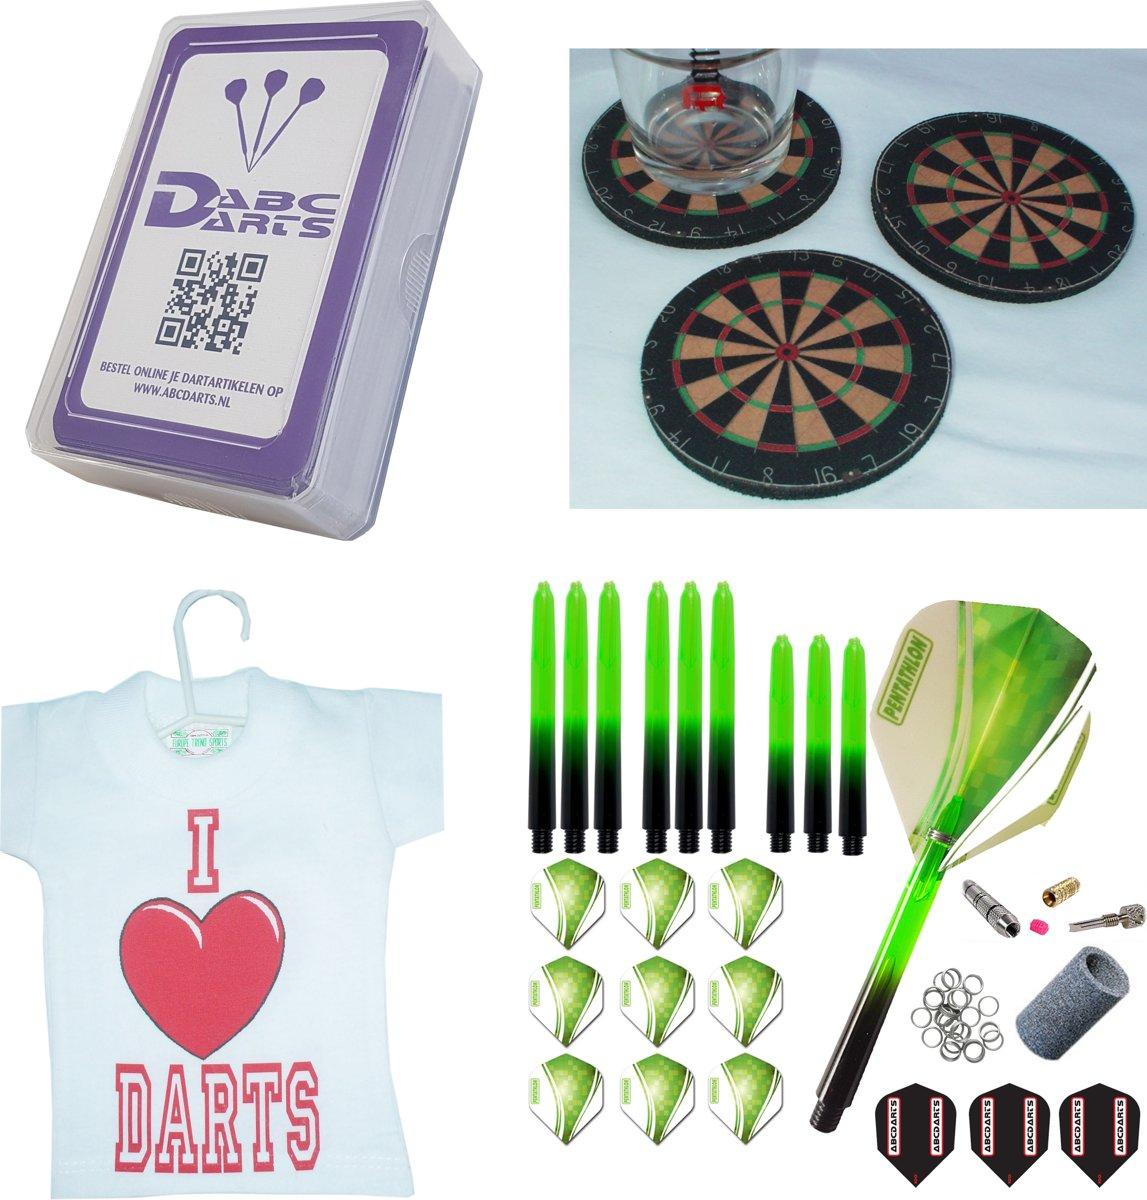 Bol Com Abcdarts Darts Cadeau Set Deluxe Abc Darts Speelgoed